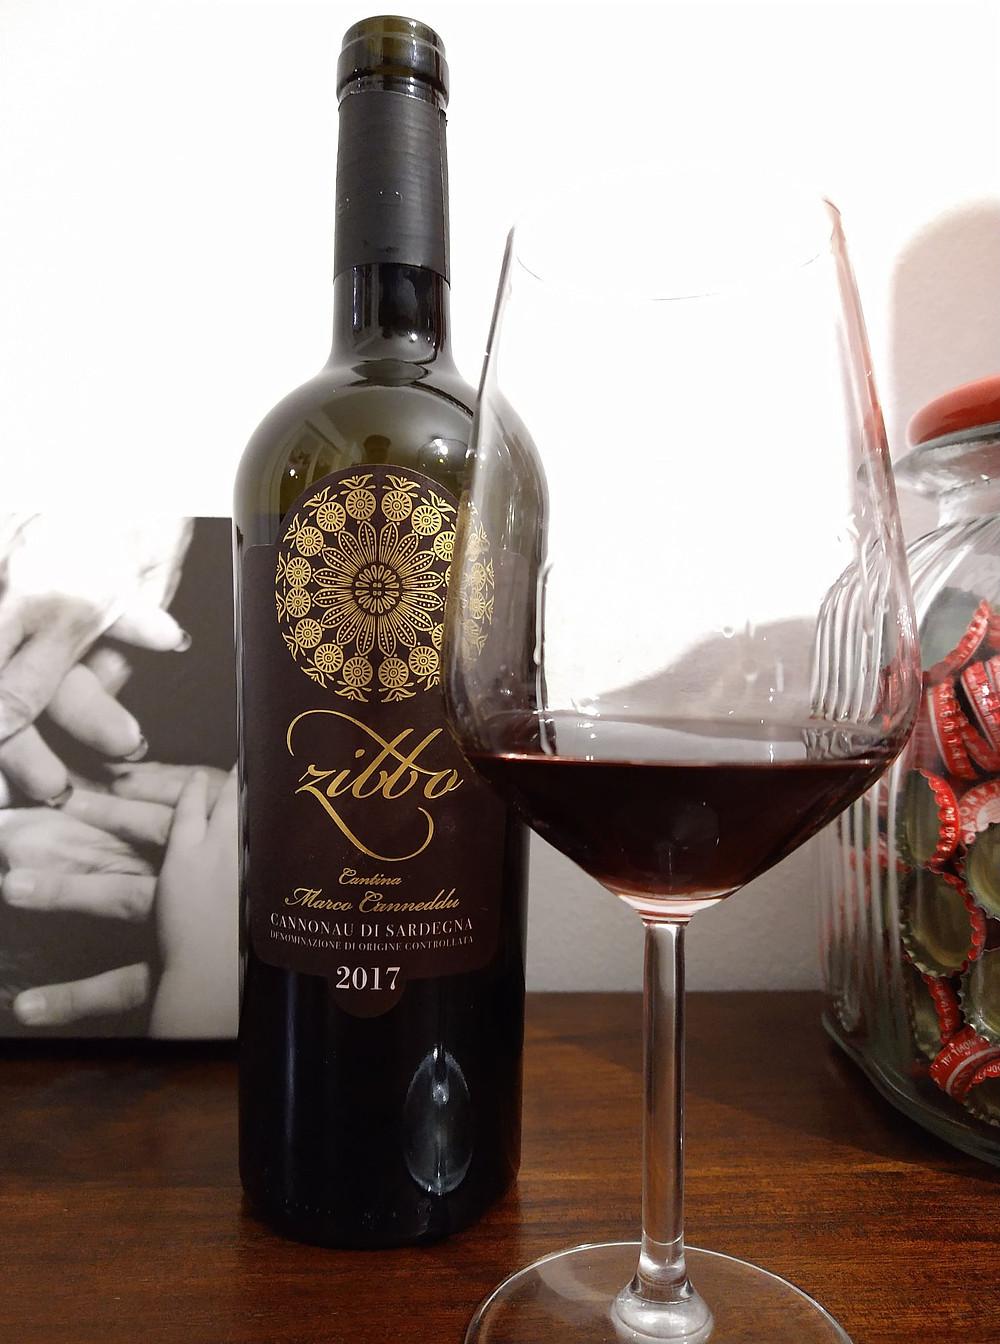 bottiglia di vino cannonau di Sardegna 2017 cantina marco canneddu